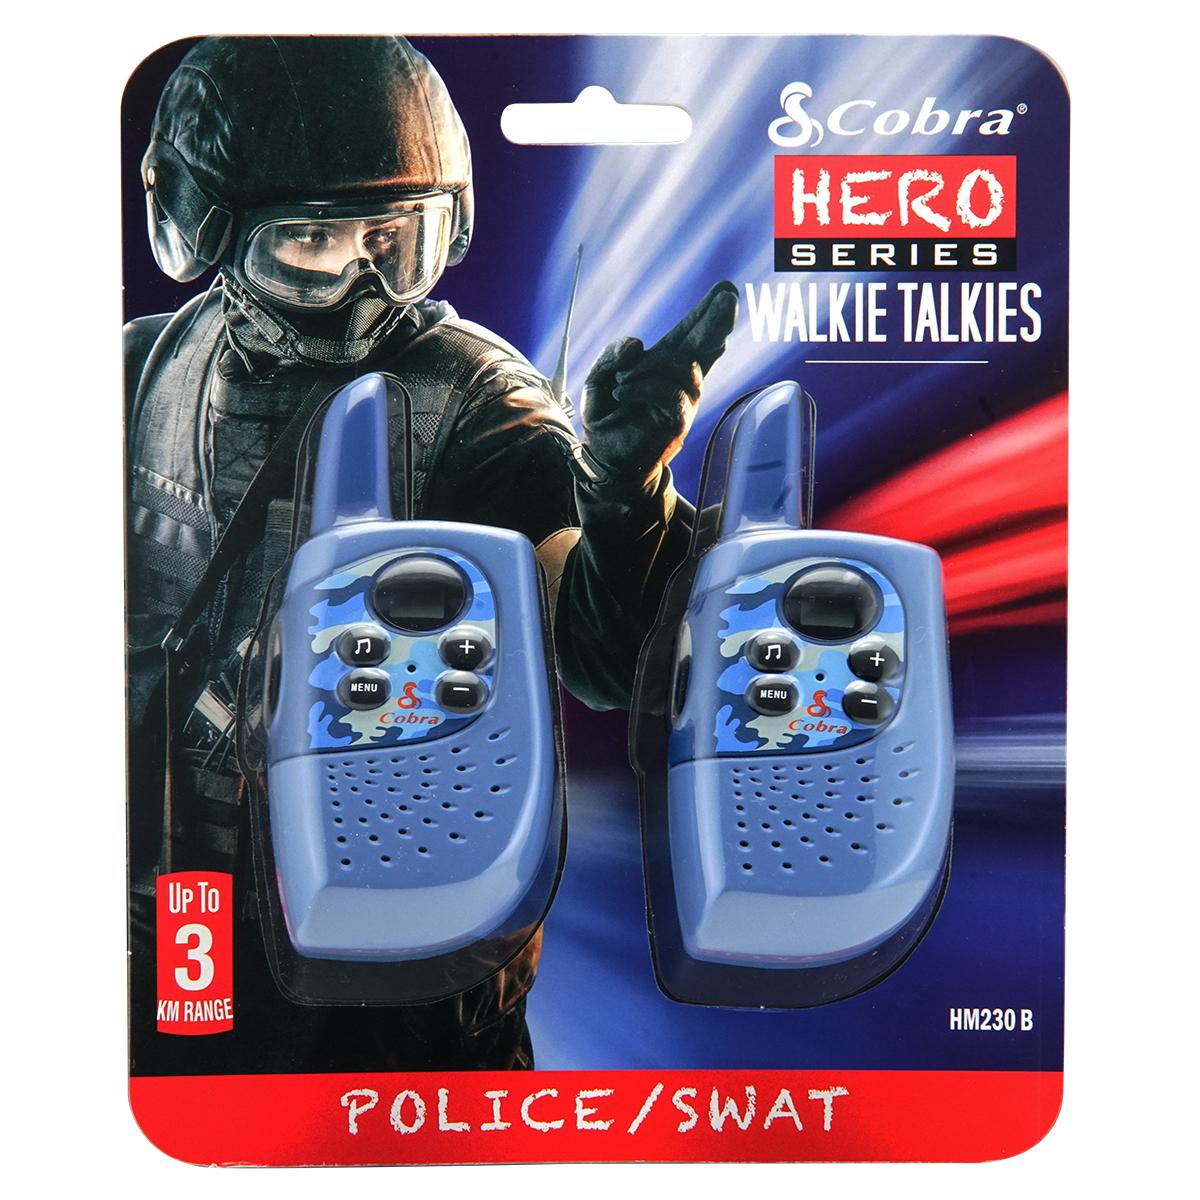 Image of   Cobra walkie talkies - Hero Series Special Forces - Politi